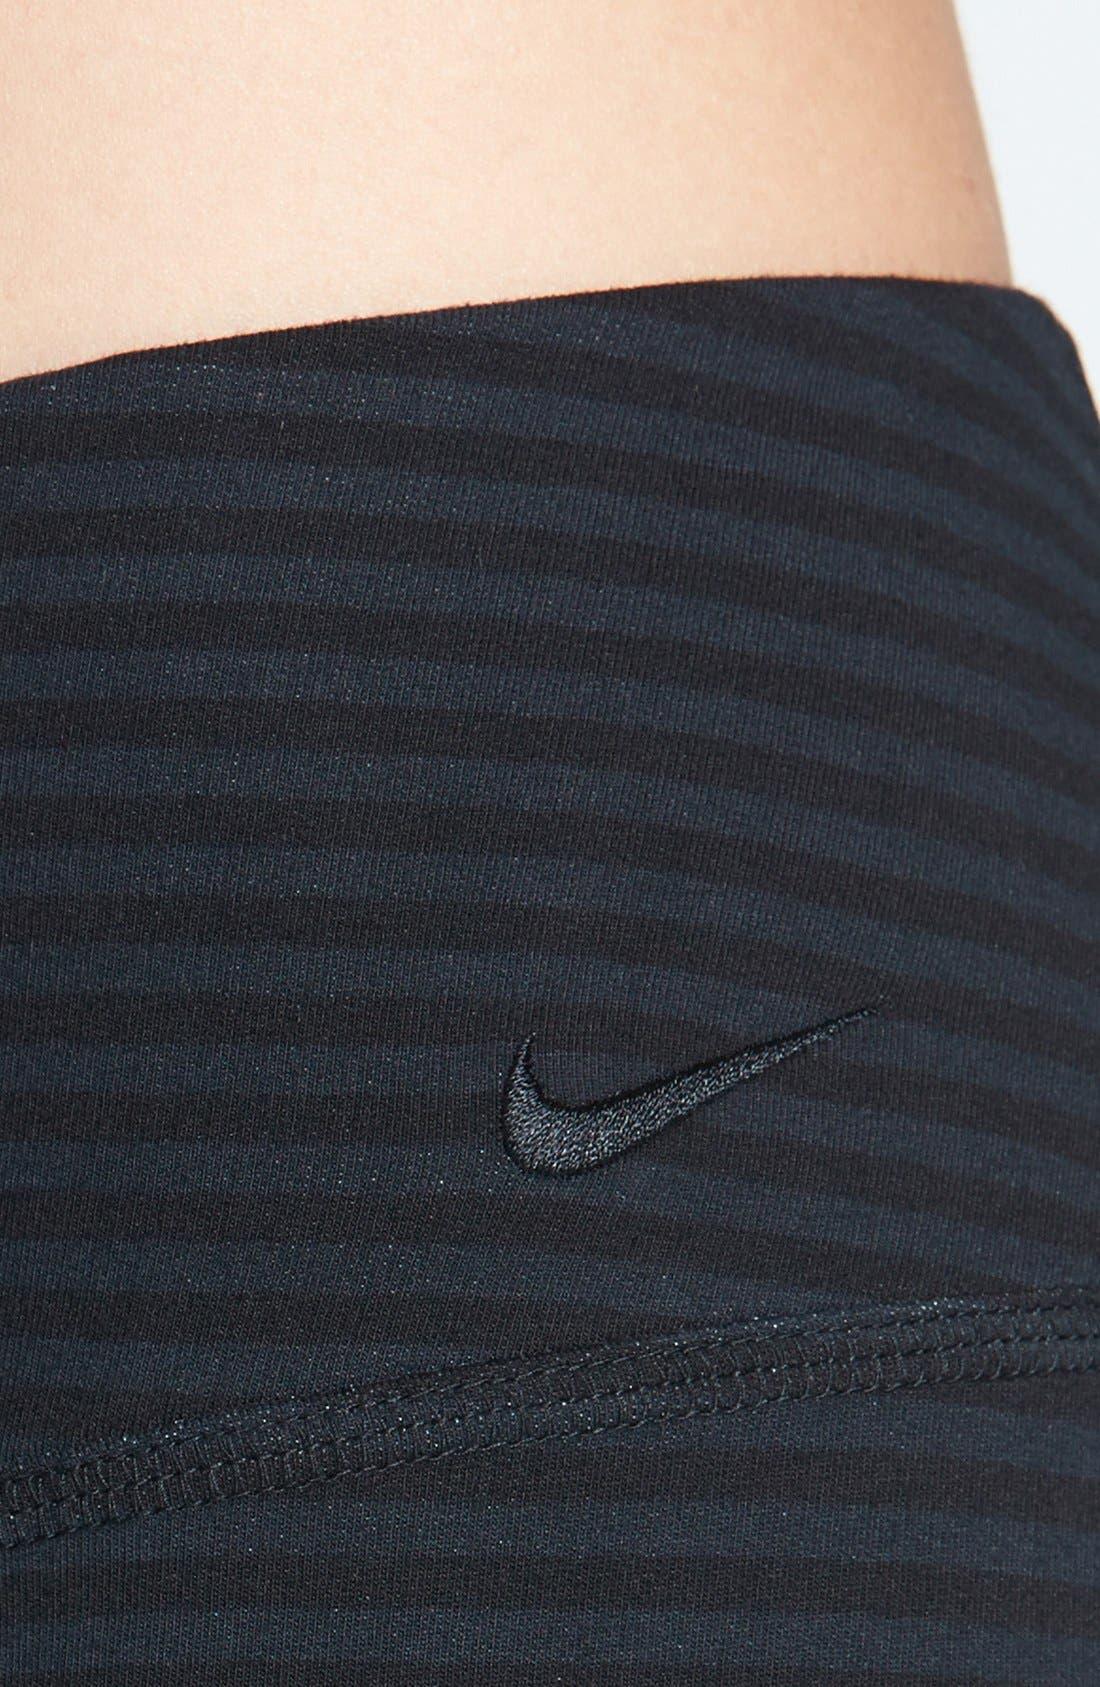 Alternate Image 4  - Nike 'Legend' Dri-FIT Print Tights